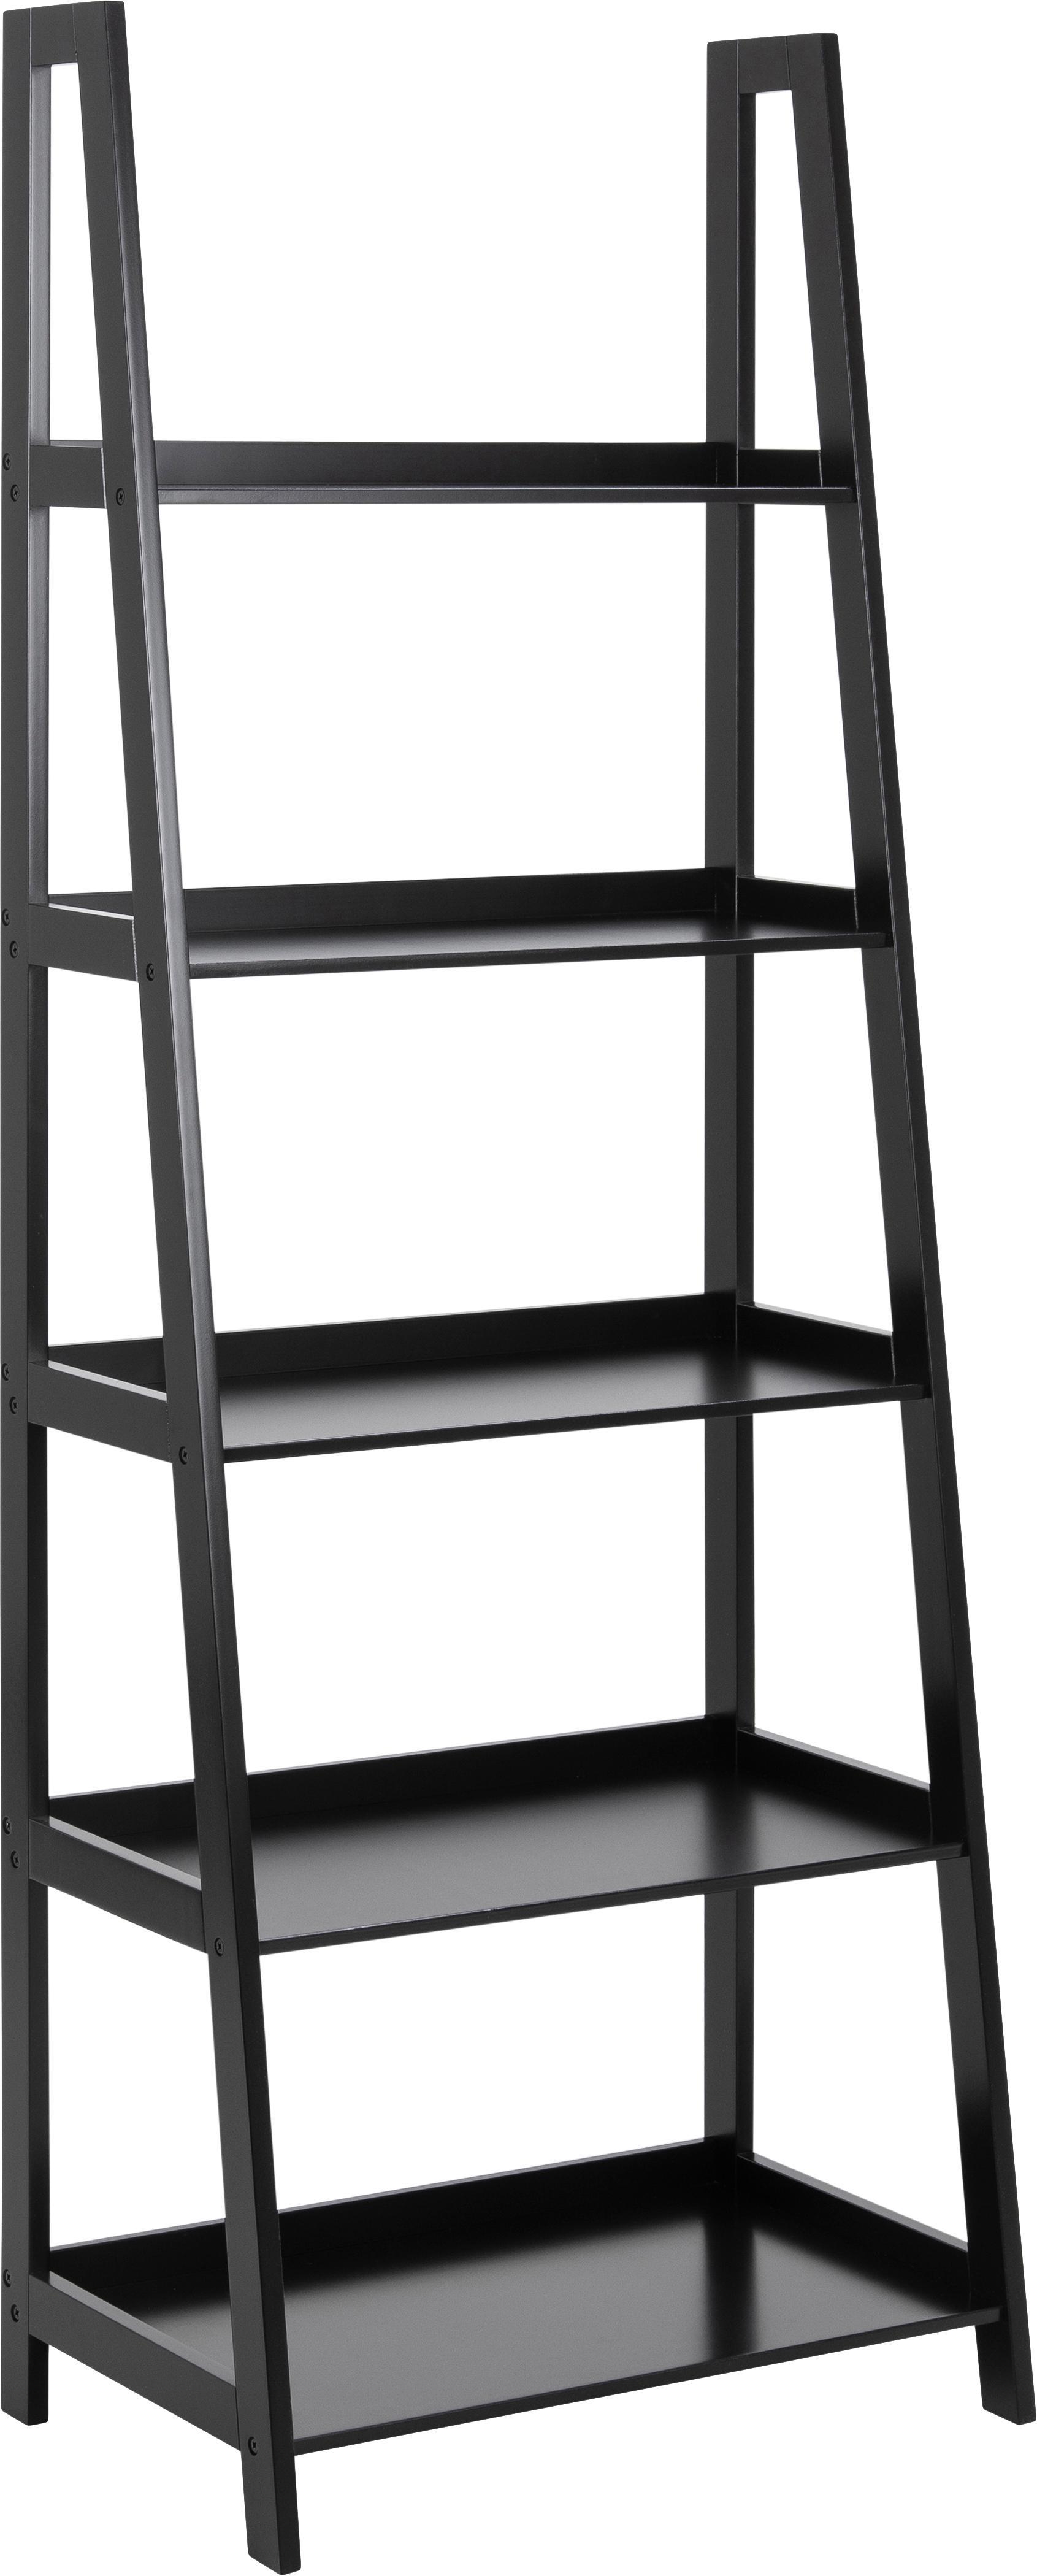 Libreria a scala nera Wally, Pannello di fibra a media densità (MDF), verniciato, Nero, Larg. 63 x Alt. 180 cm